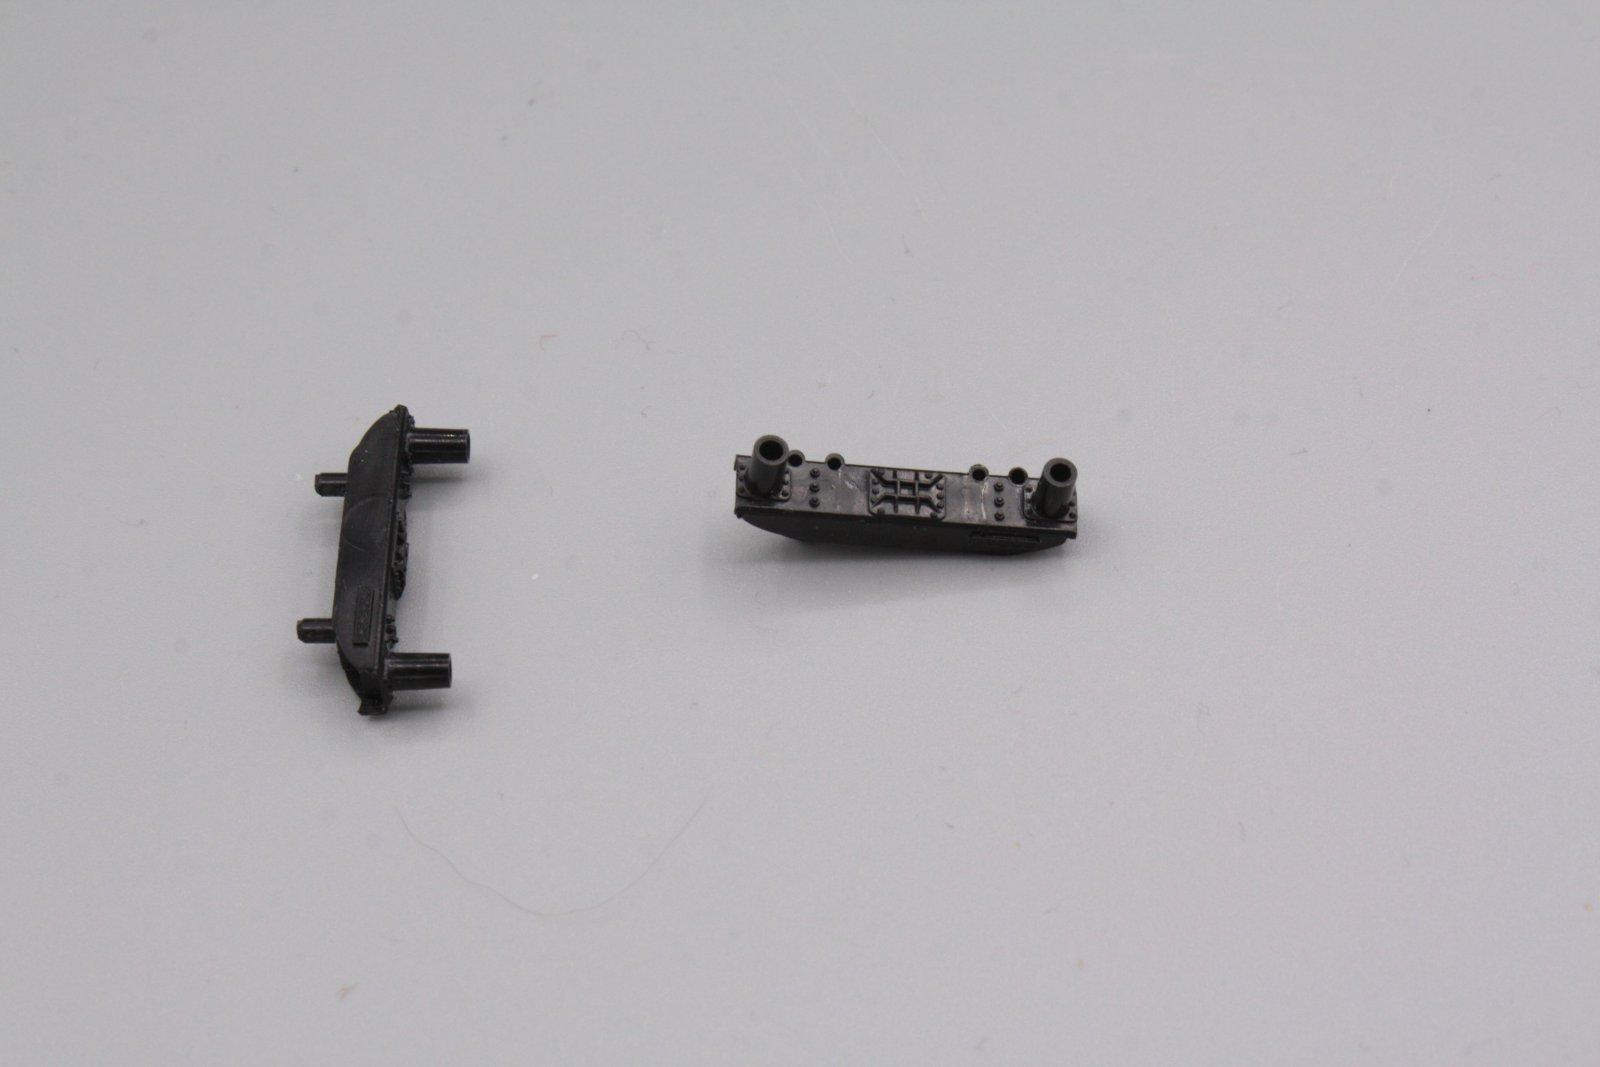 Ersatzteil Roco 140  Pufferbohle schwarz - 2 Stück - steckbar